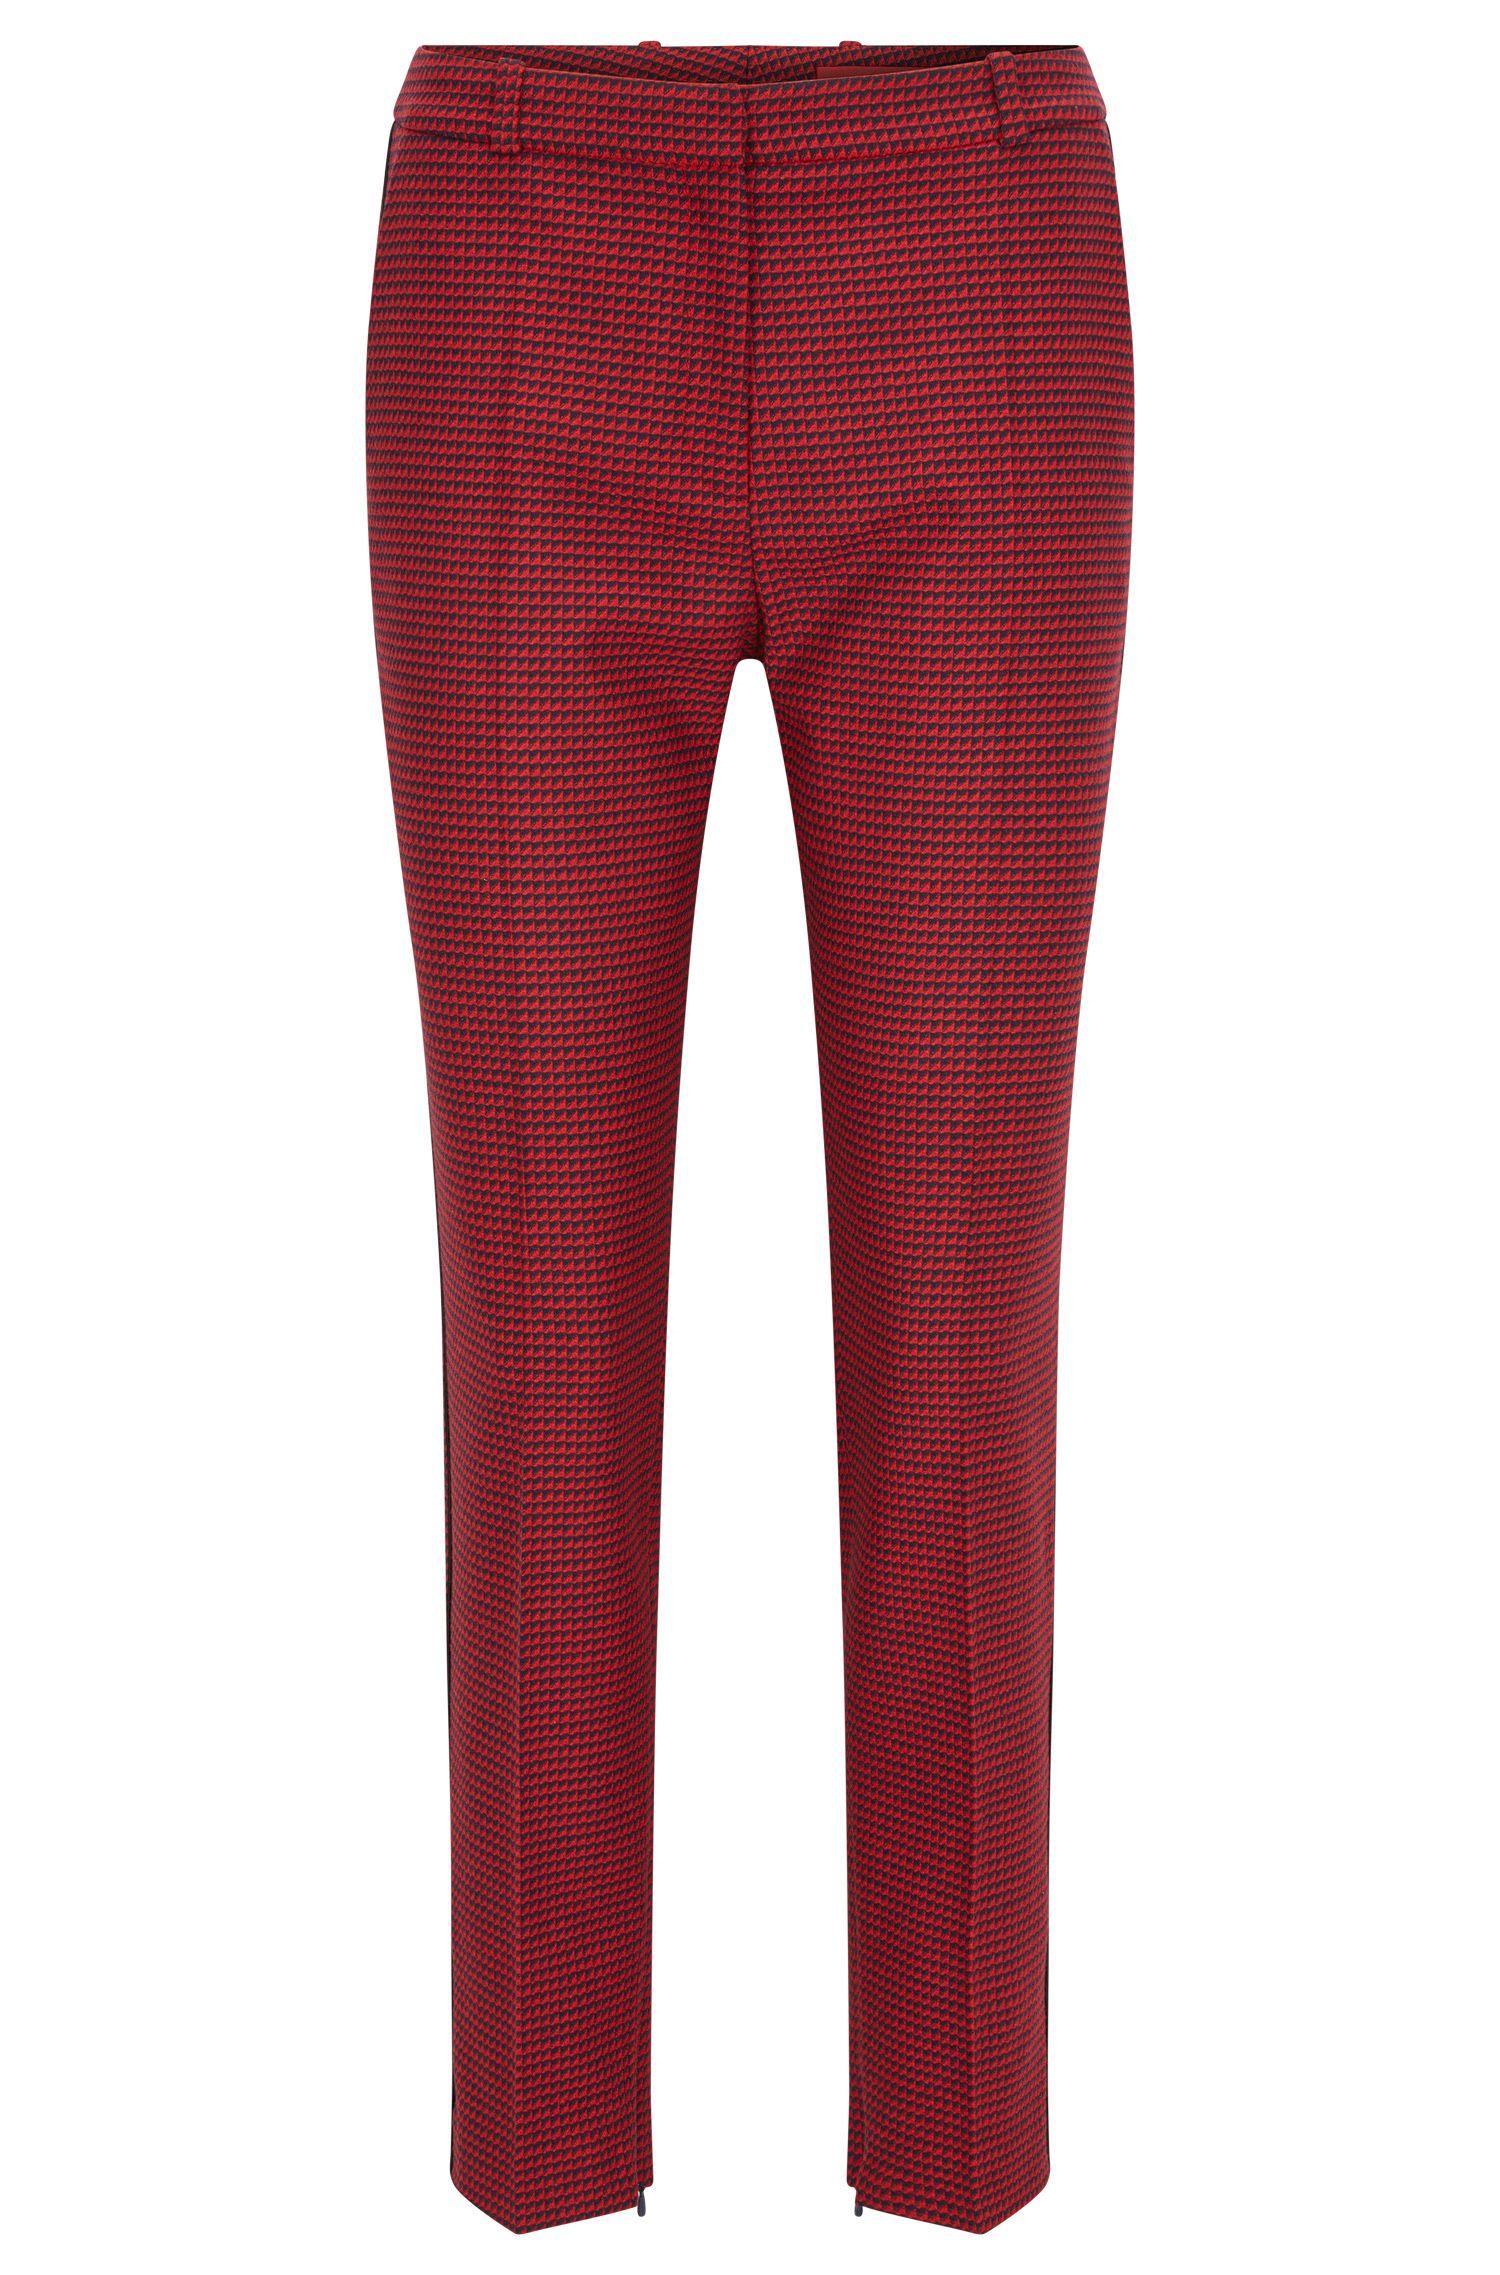 Pantalón slim fit en tejido con microestampado